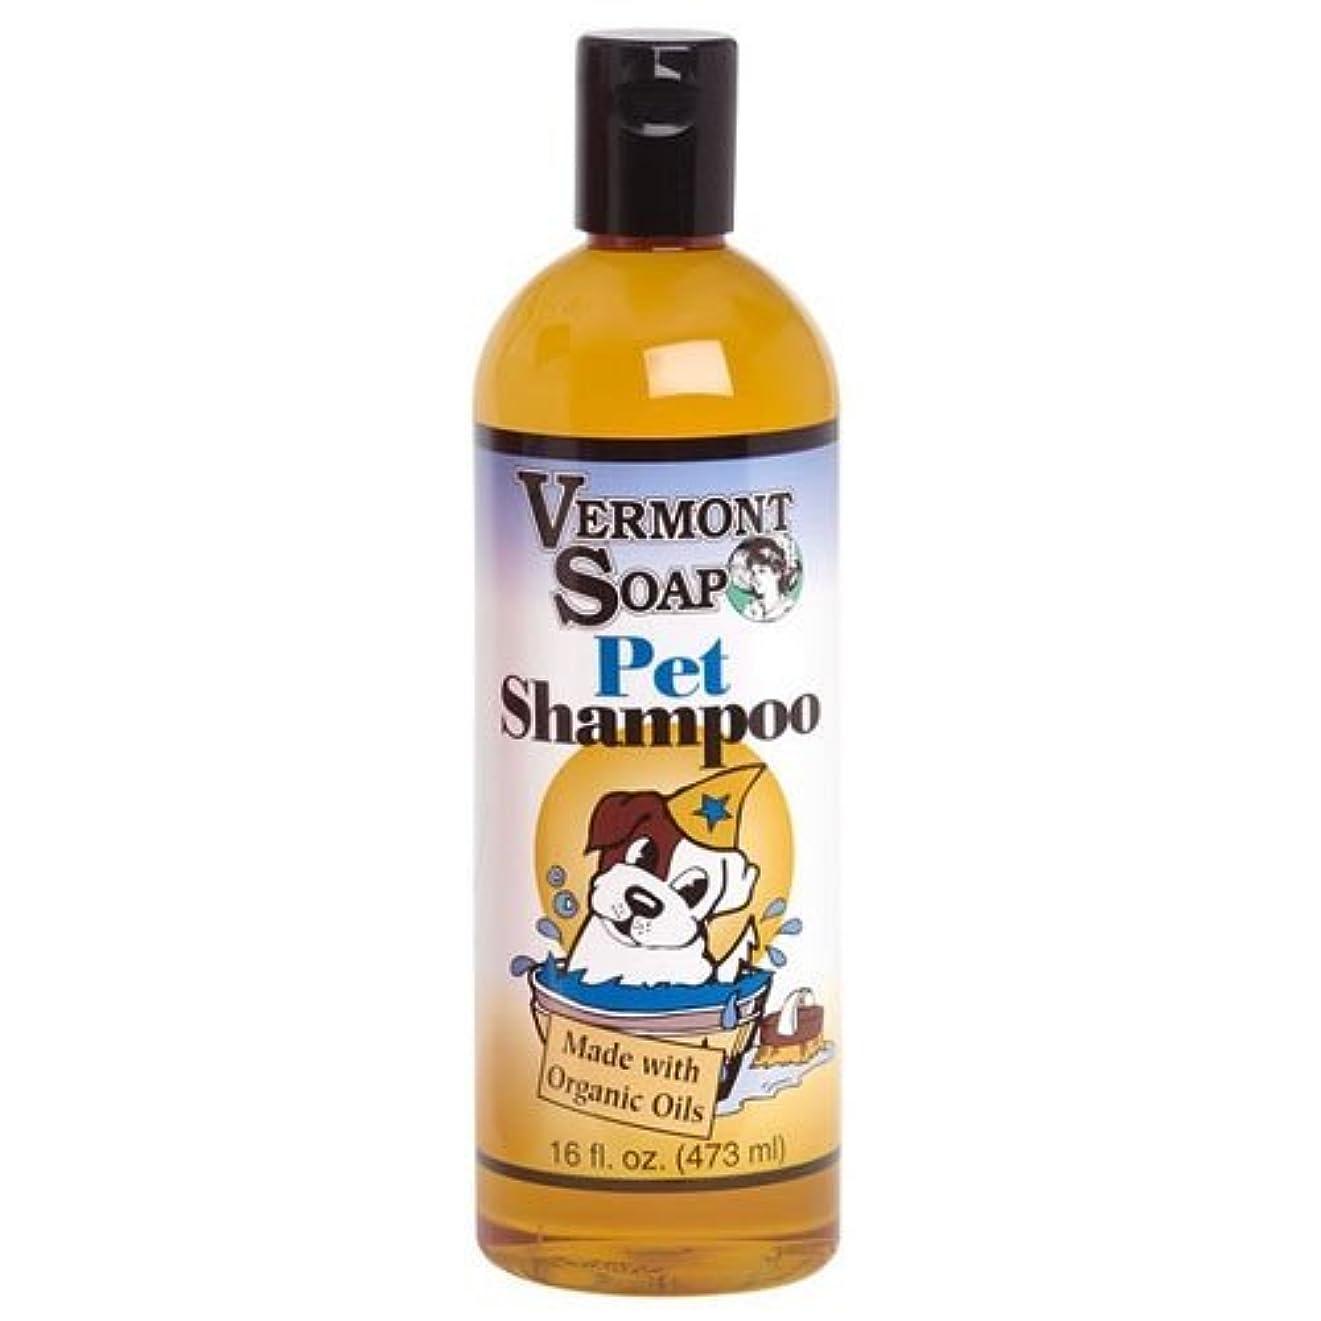 被害者ストリームカッターバーモントソープ オーガニック ペットシャンプー Pet Shampoo